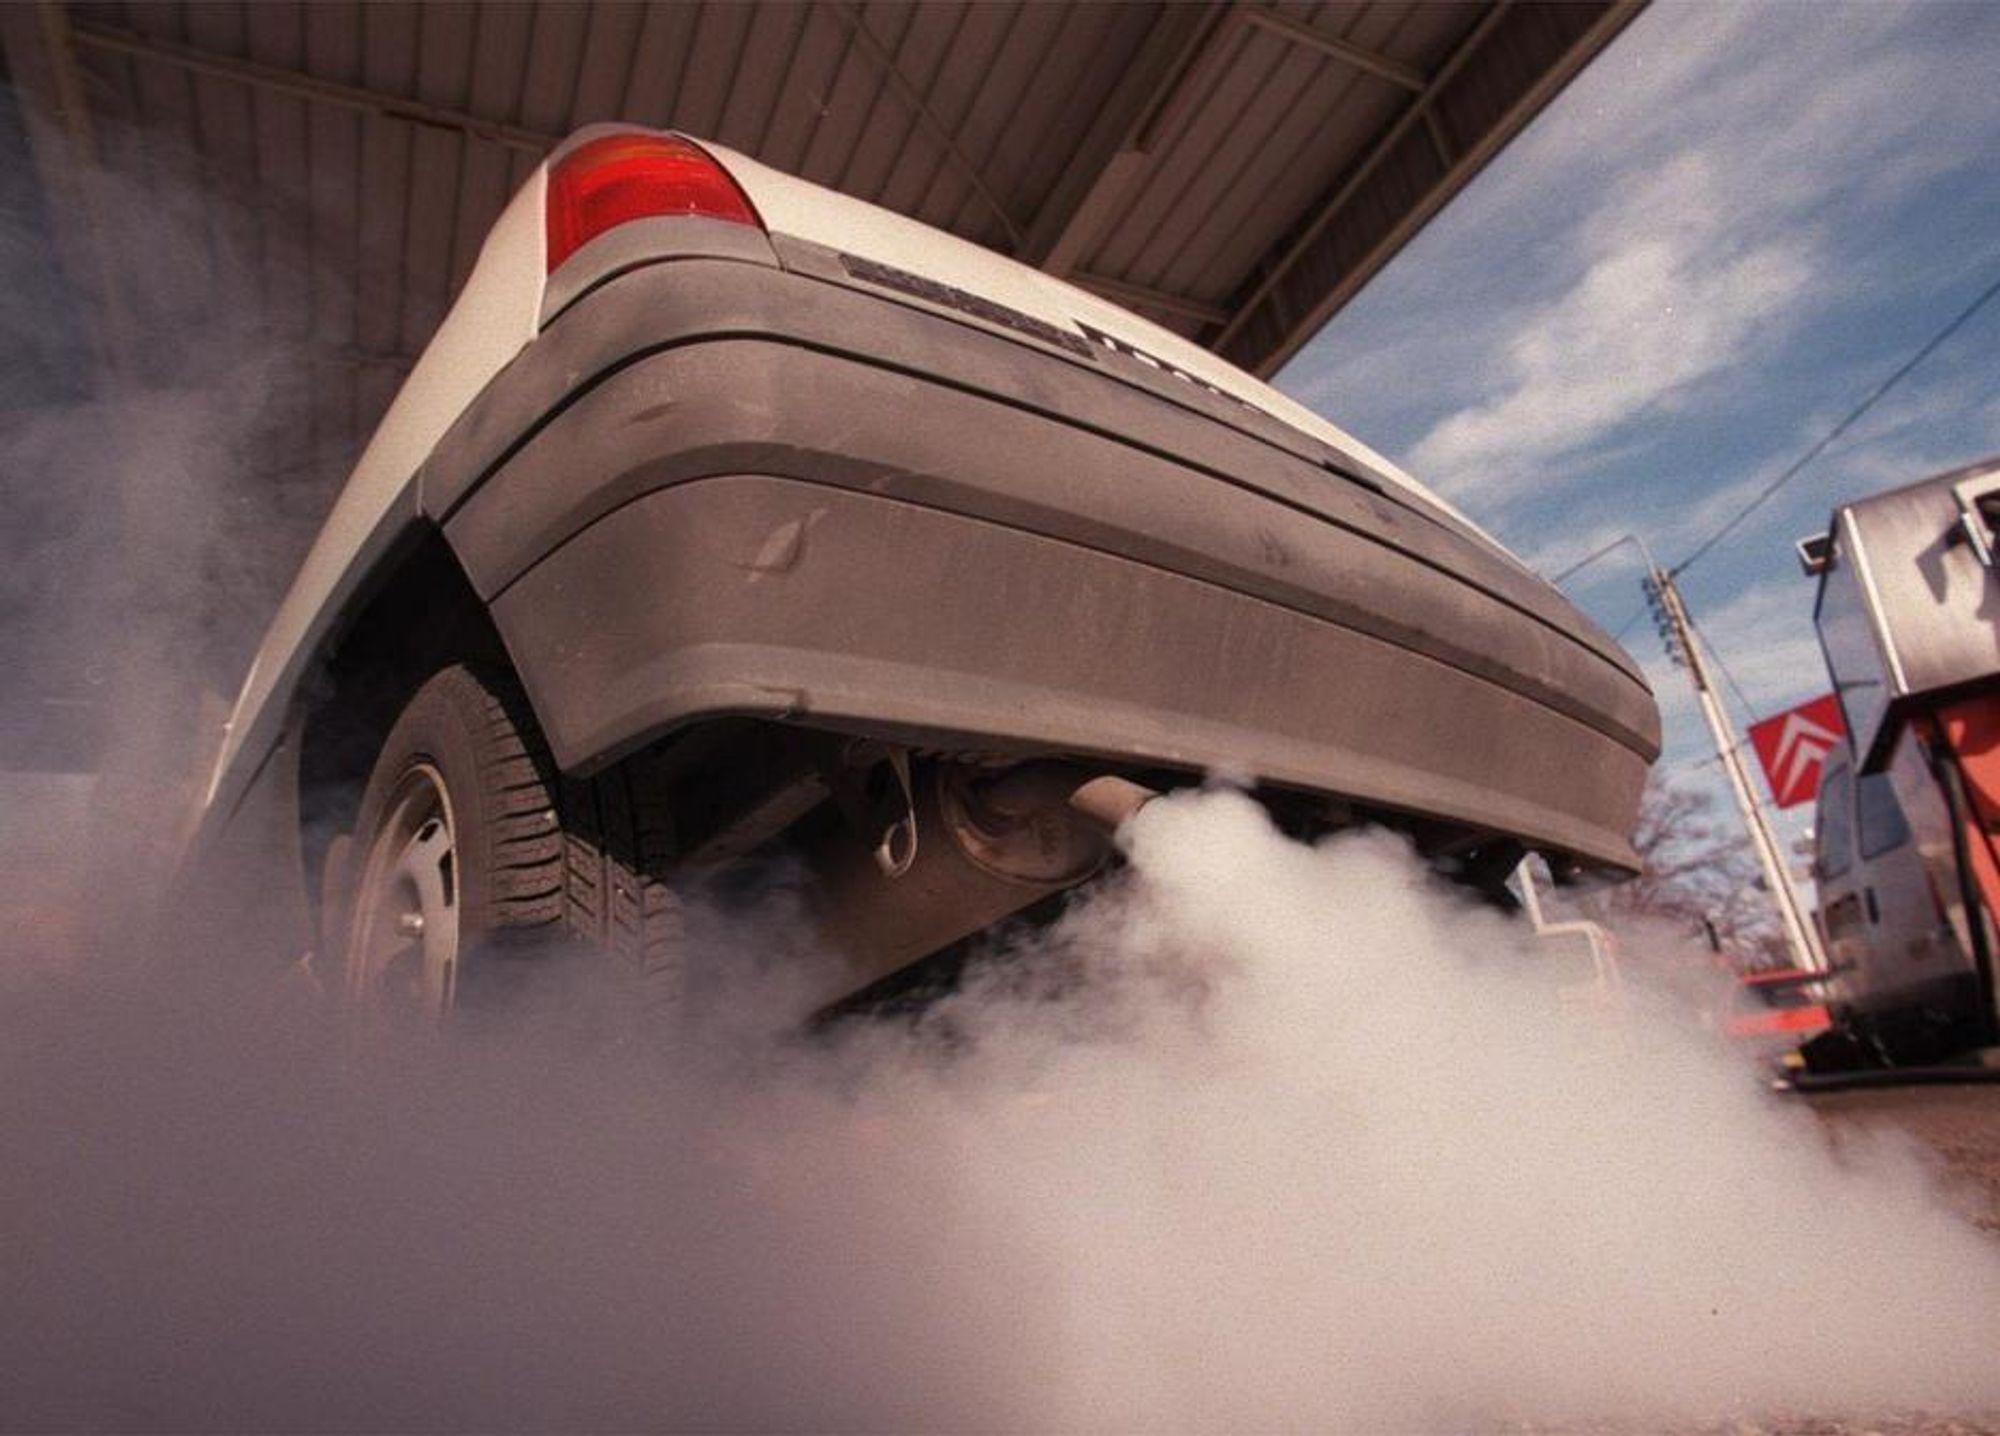 HASTER: Norge må redusere NOx-utslippet med rundt 40 000 tonn innen 2010, noe som tilsvarer NOx-utslippene fra hele den norske veitrafikken.